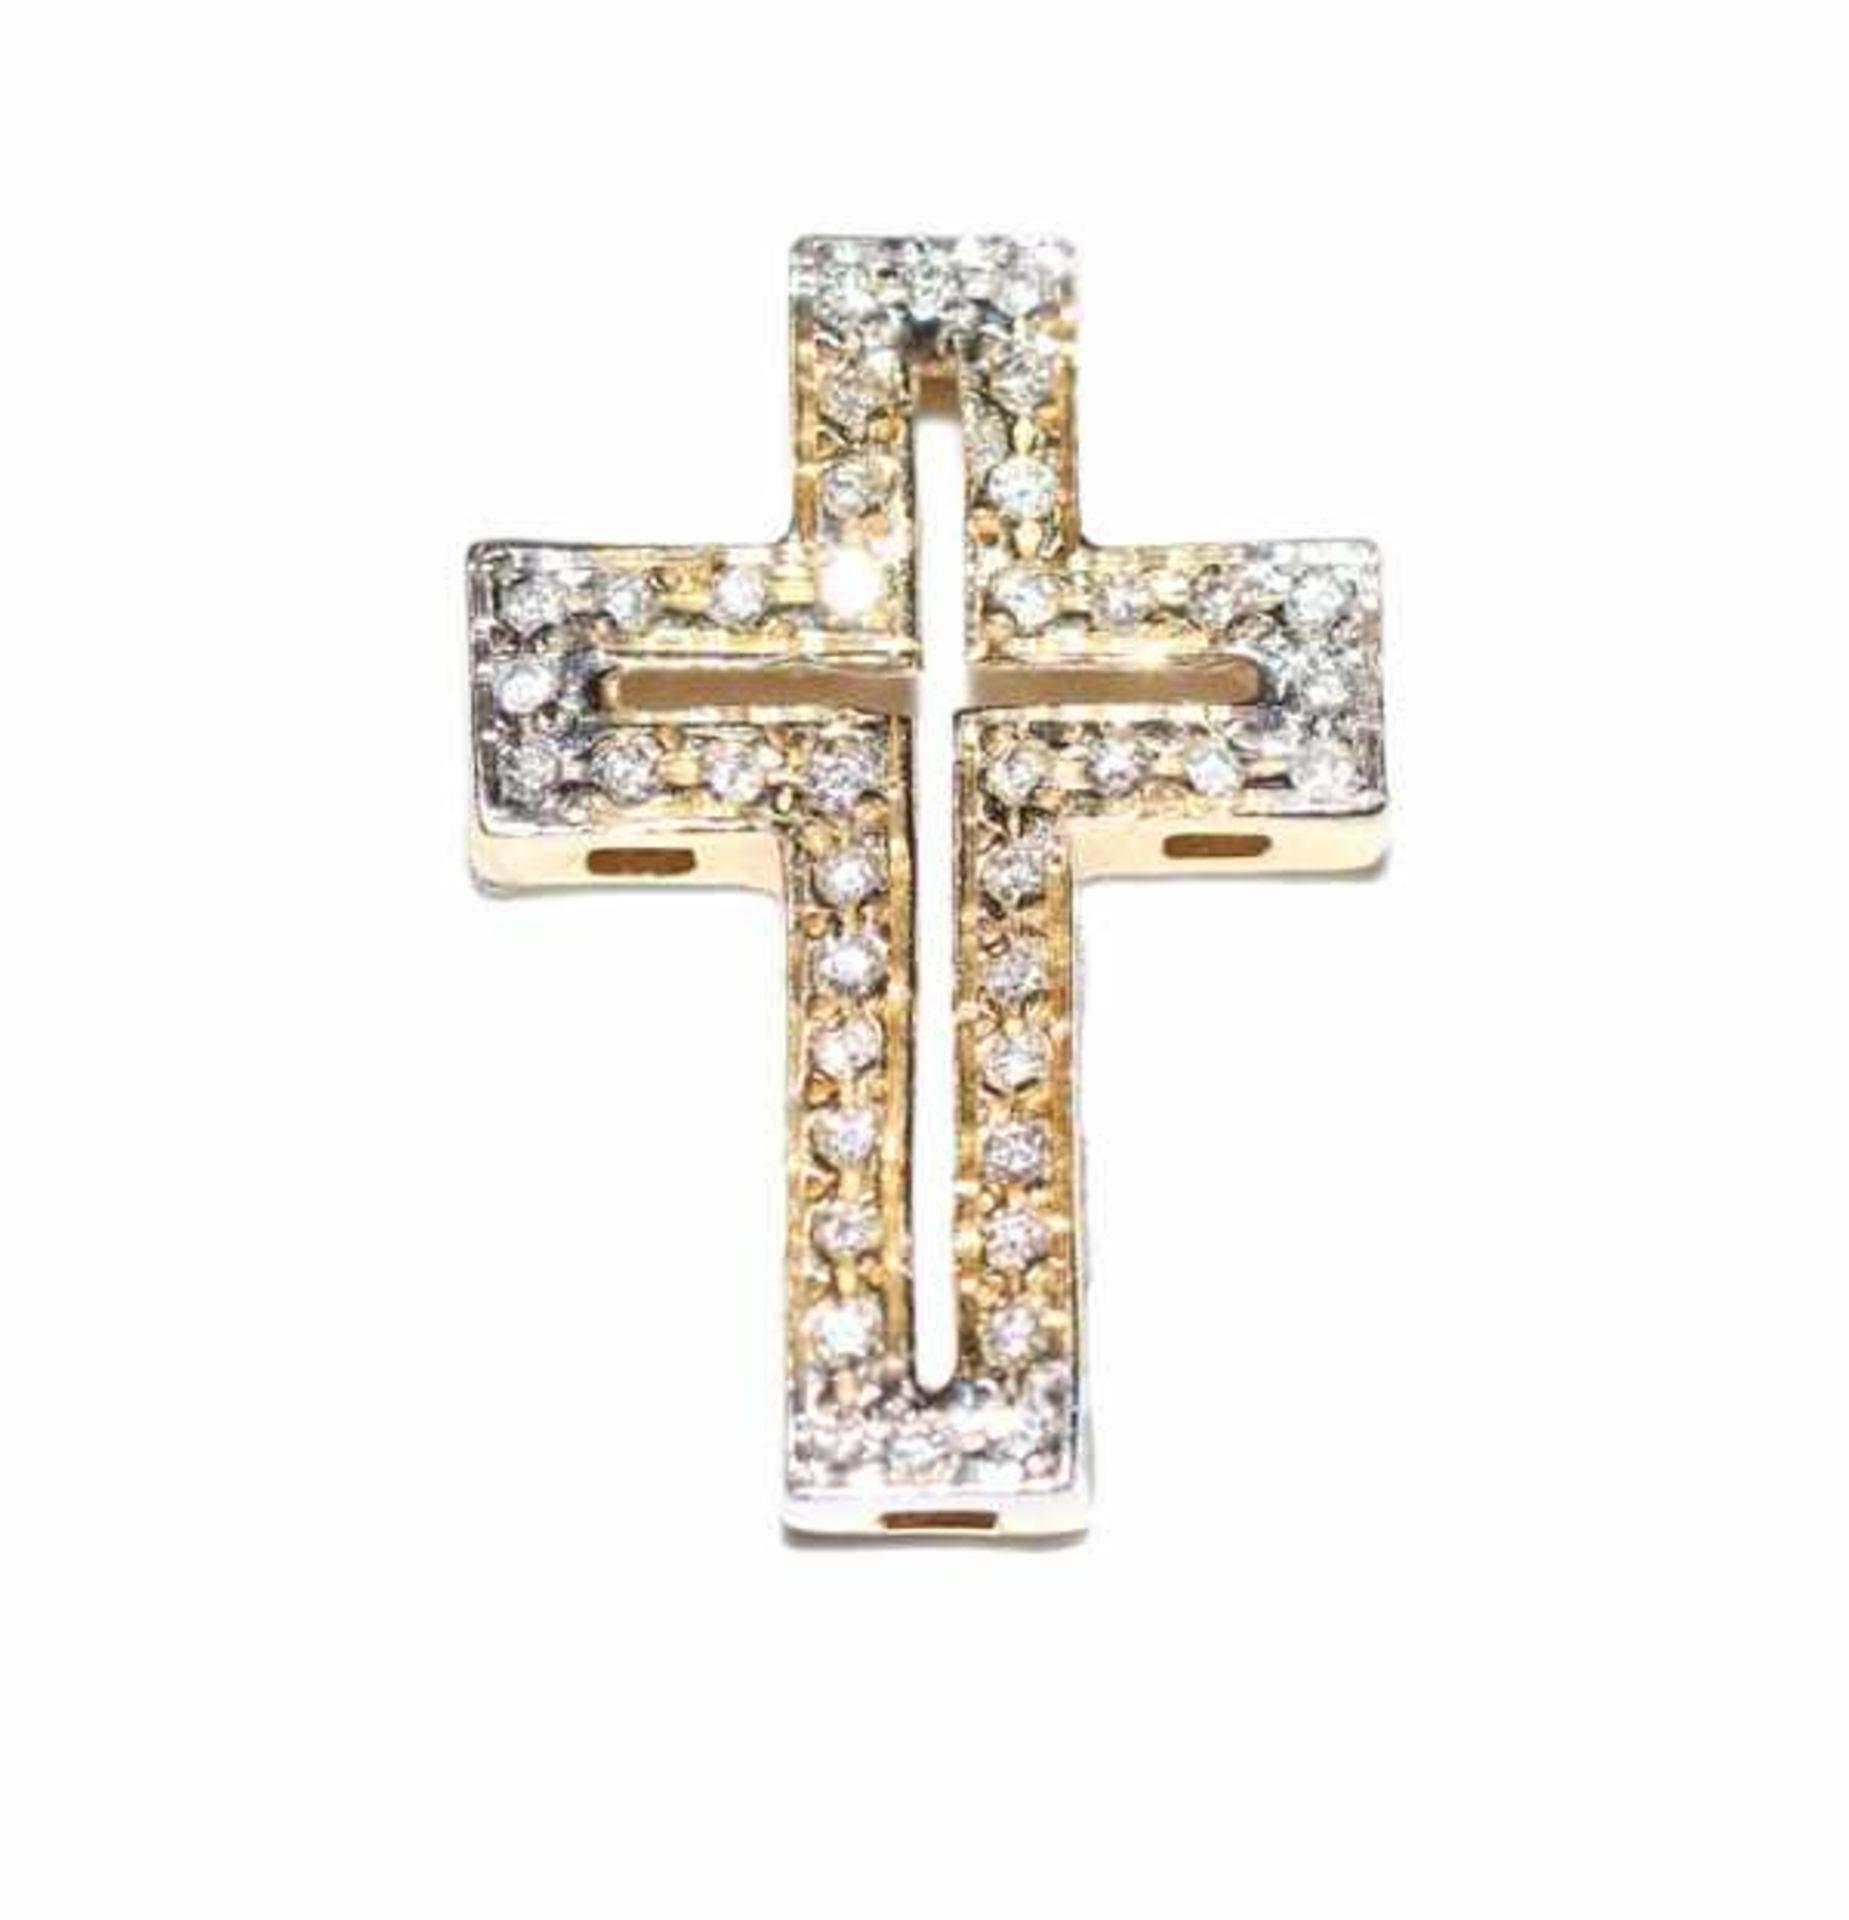 Los 44 - 14 k Gelb- und Weißgold Kreuz-Anhänger mit 42 Diamanten besetzt, L 2 cm